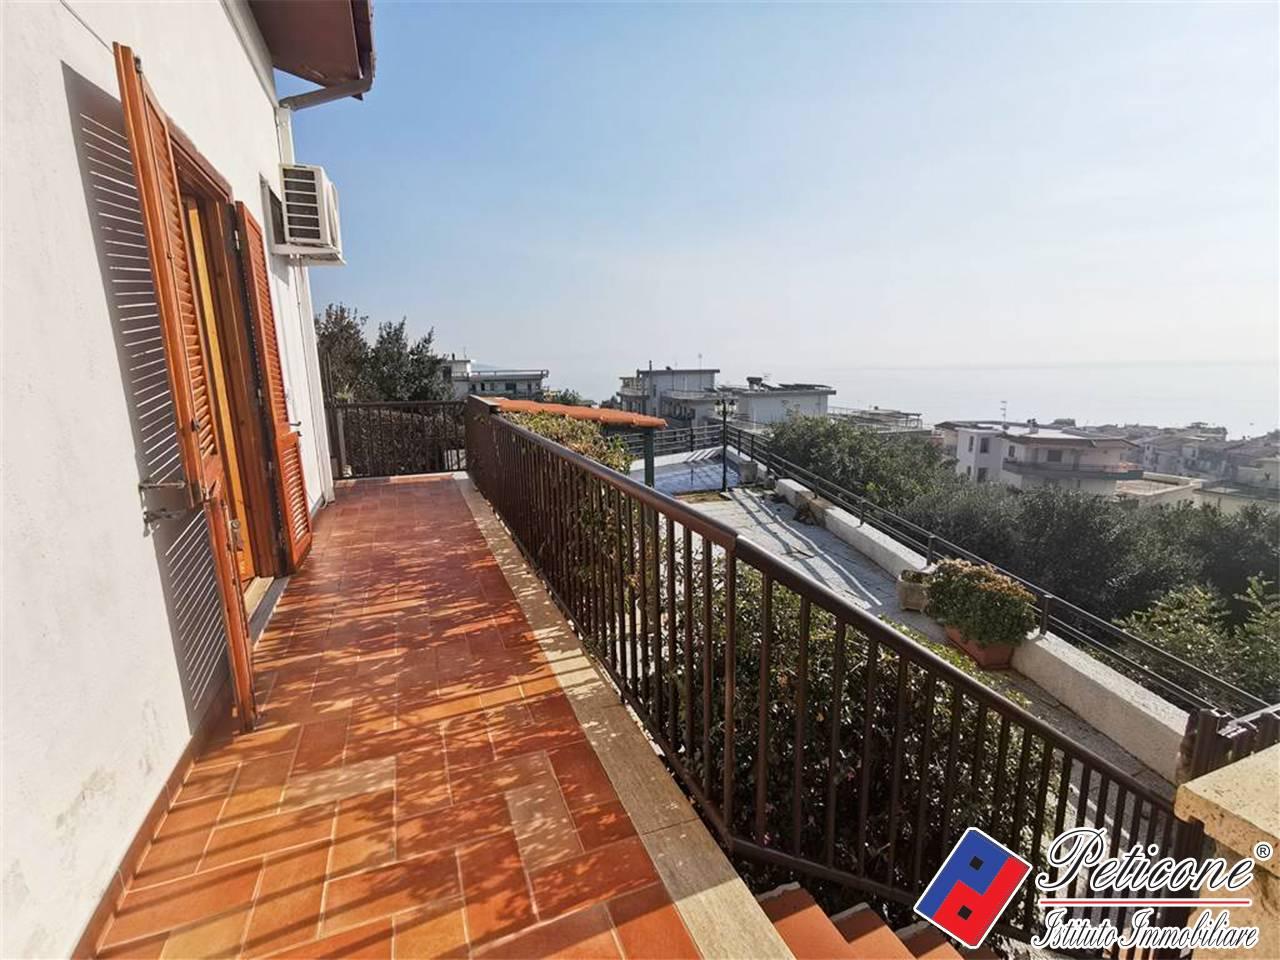 Villa in Vendita a Formia: 5 locali, 100 mq - Foto 10